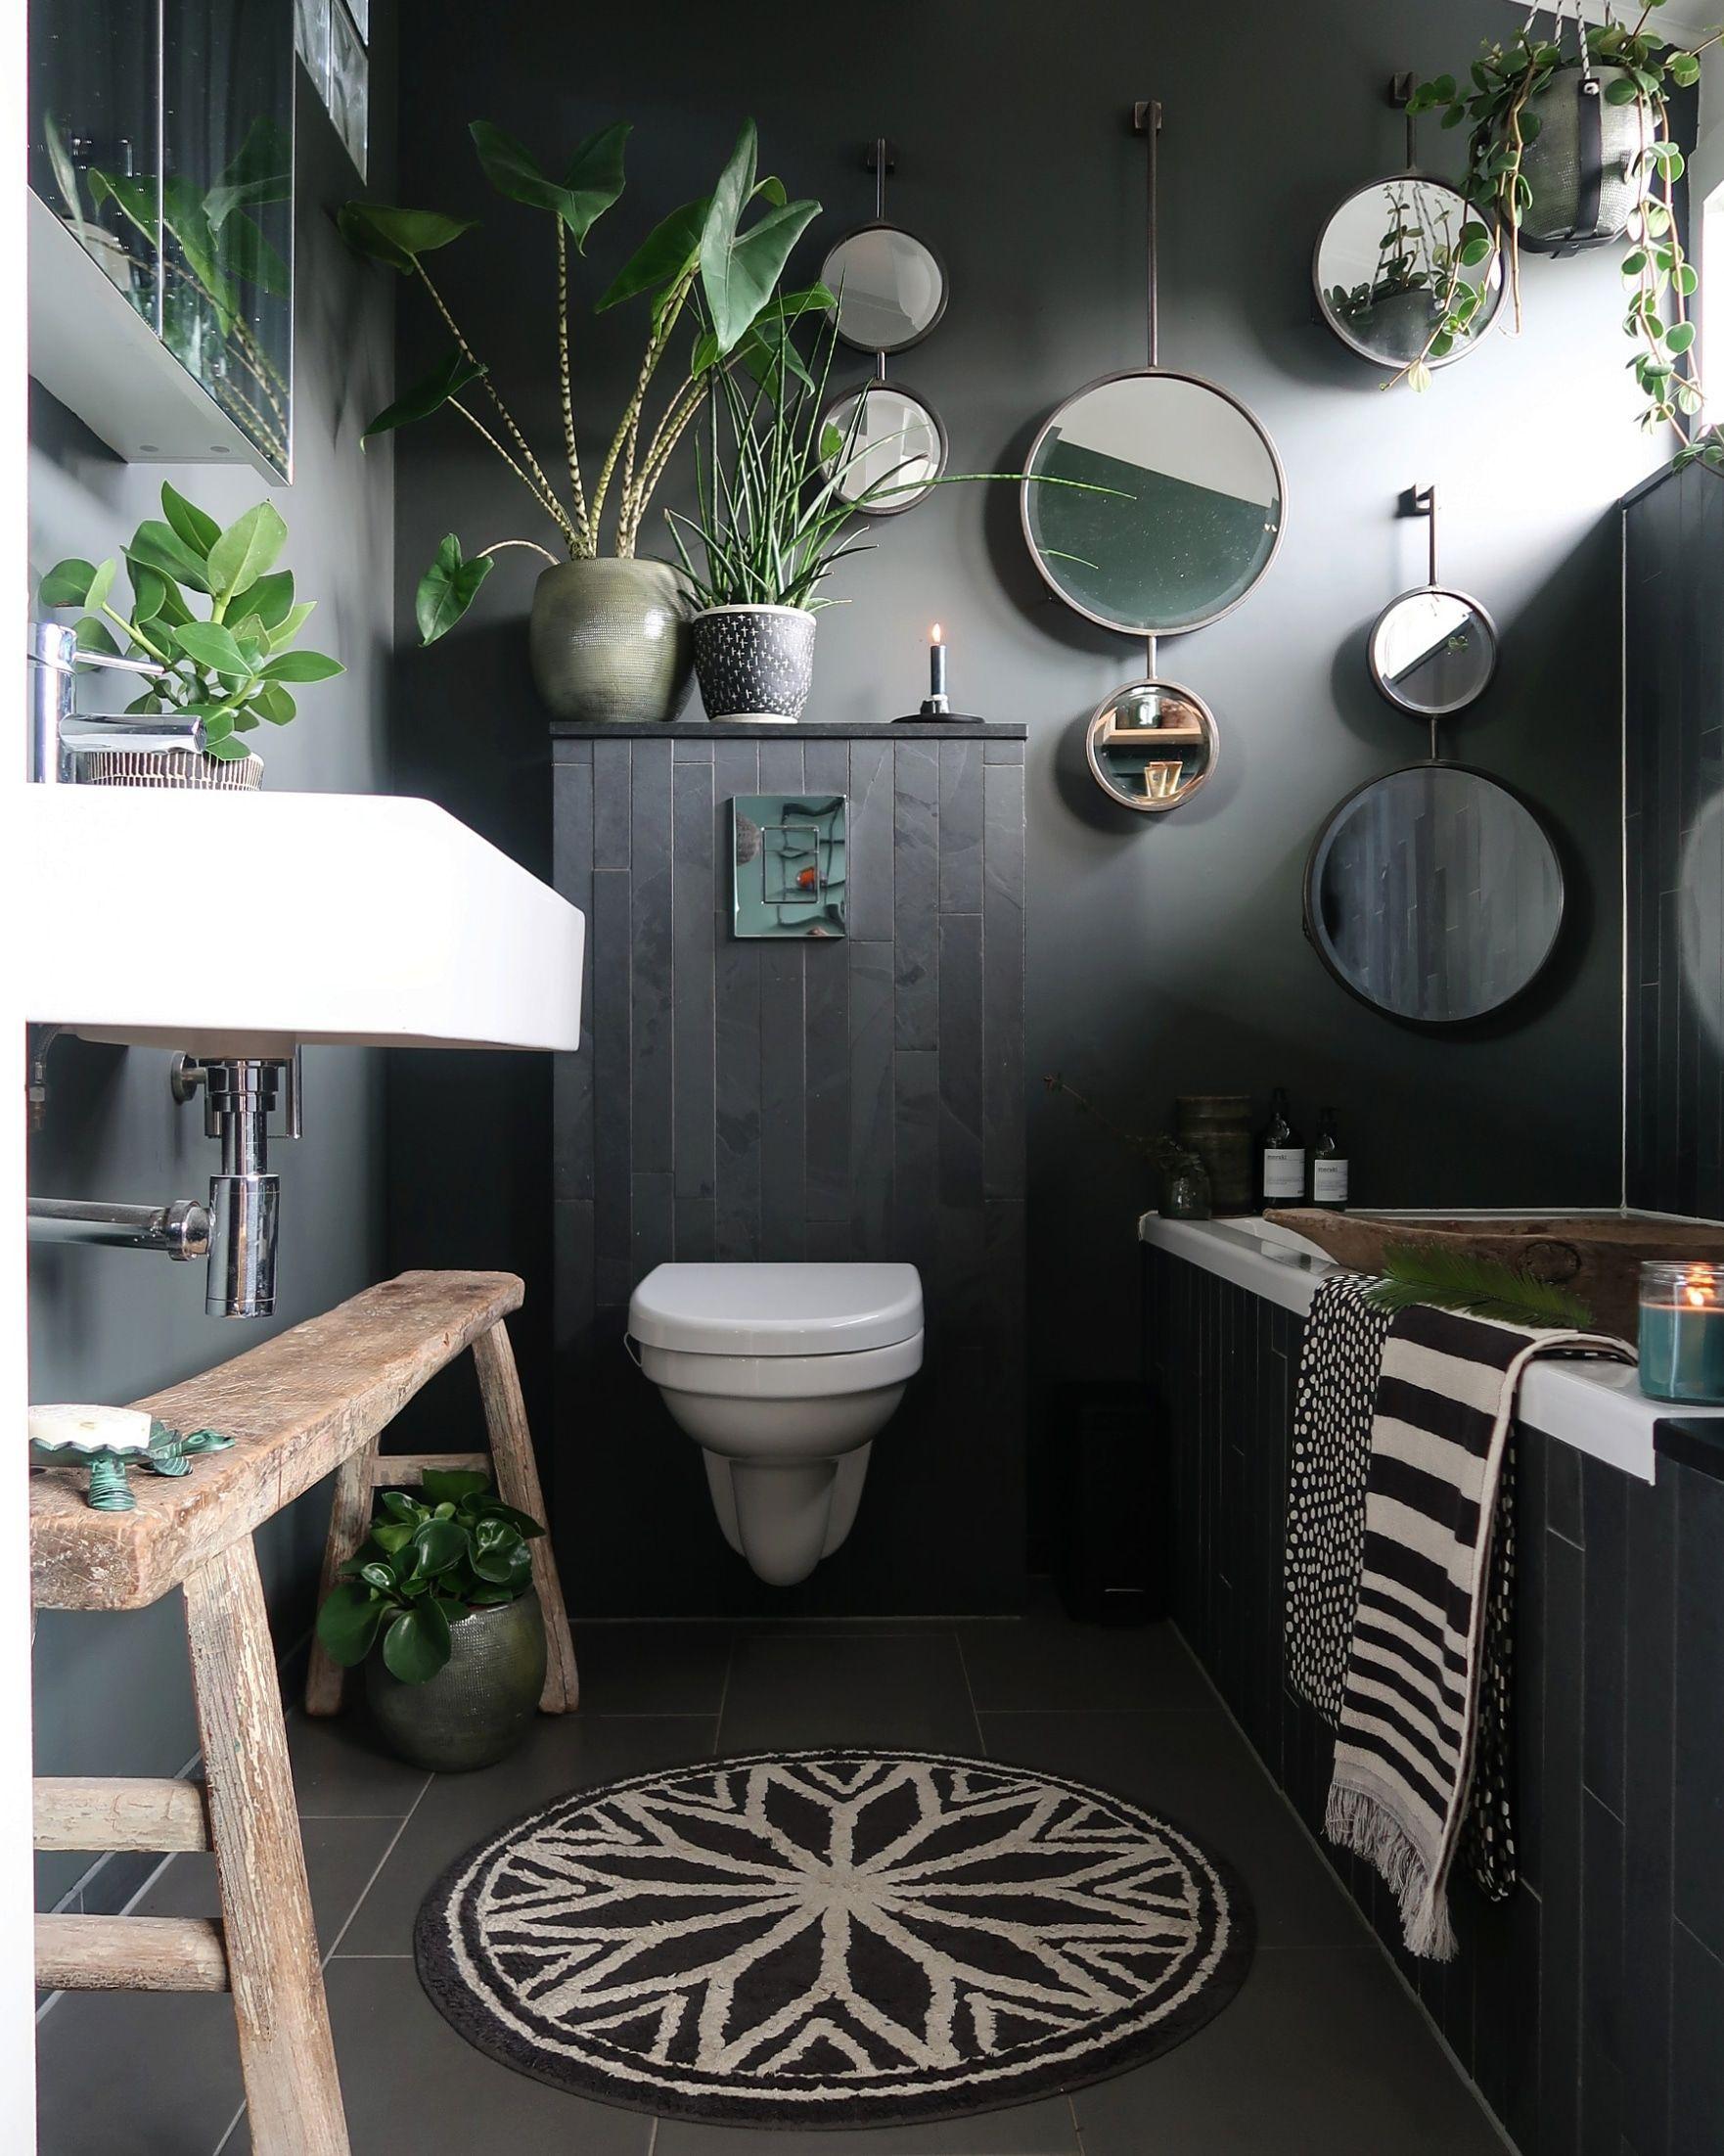 Een Urban jungle met een Industriële look en feel in je badkamer? Met veel groen en de juiste accenten lukt dat in een handomdraai | Urban jungle bathroom #bathroom #decoration #urbanjungle #inspiration #home | Eigen Huis en Tuin